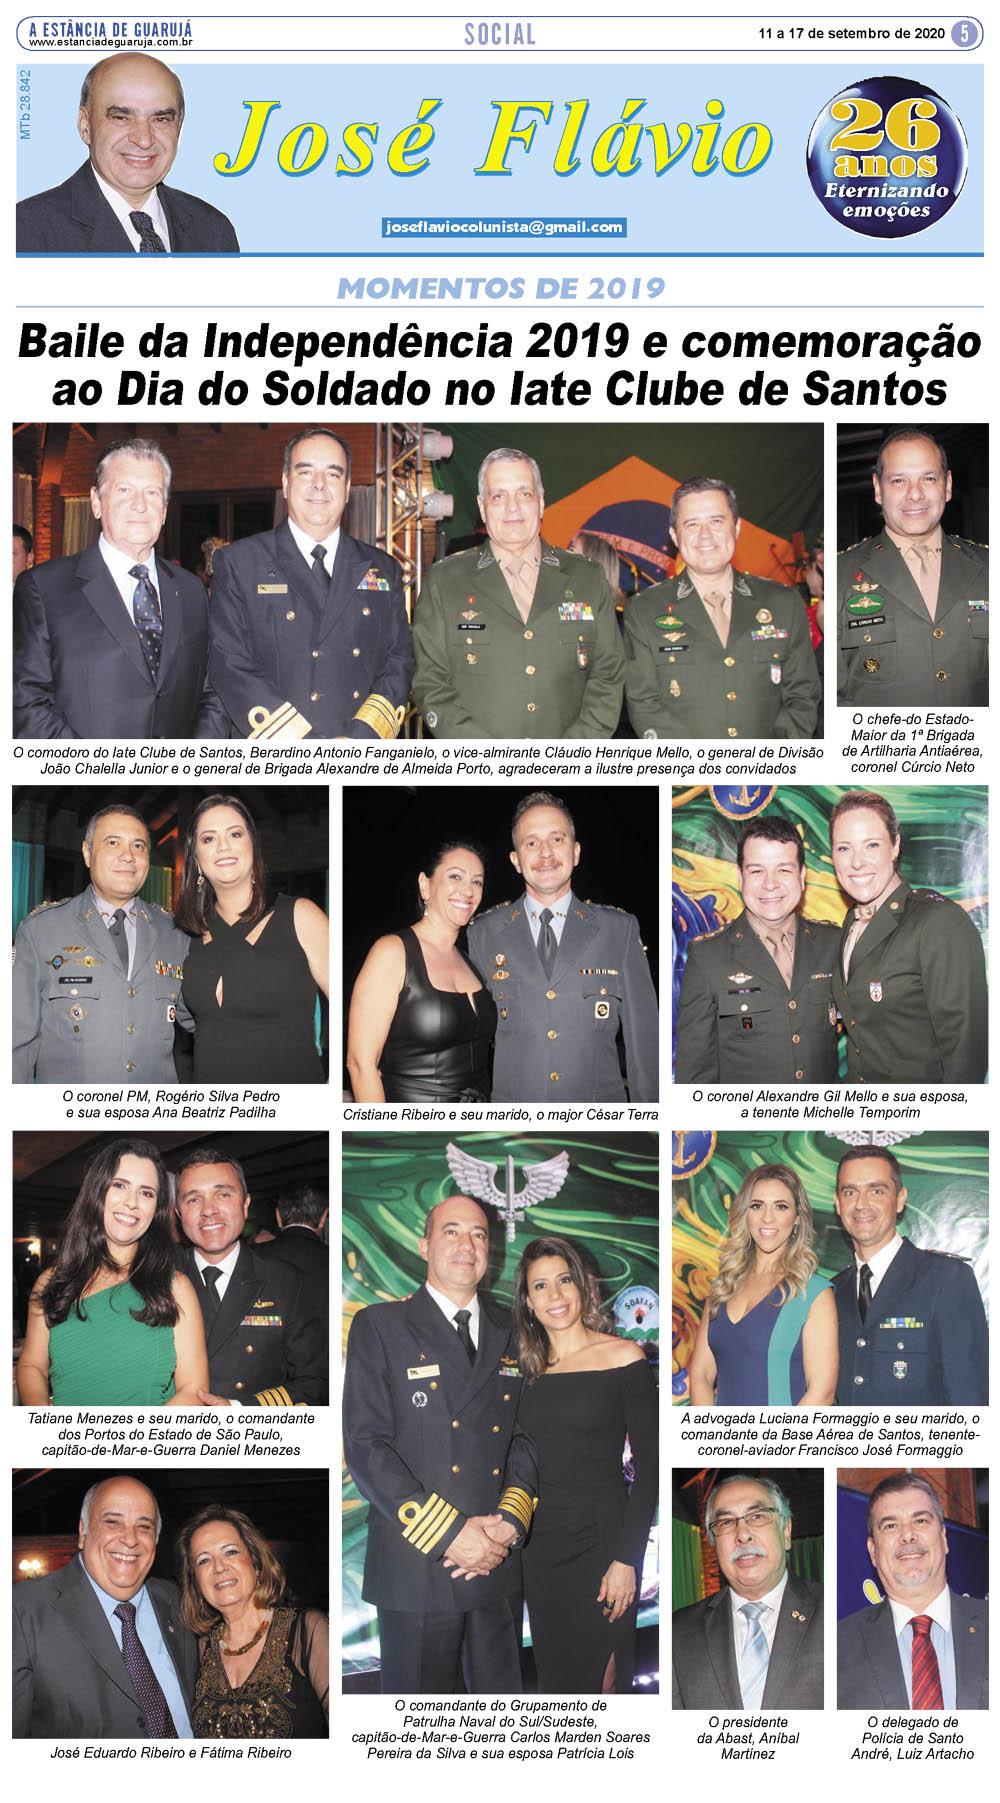 Baile da Independência e Dia do Soldado no Iate Clube